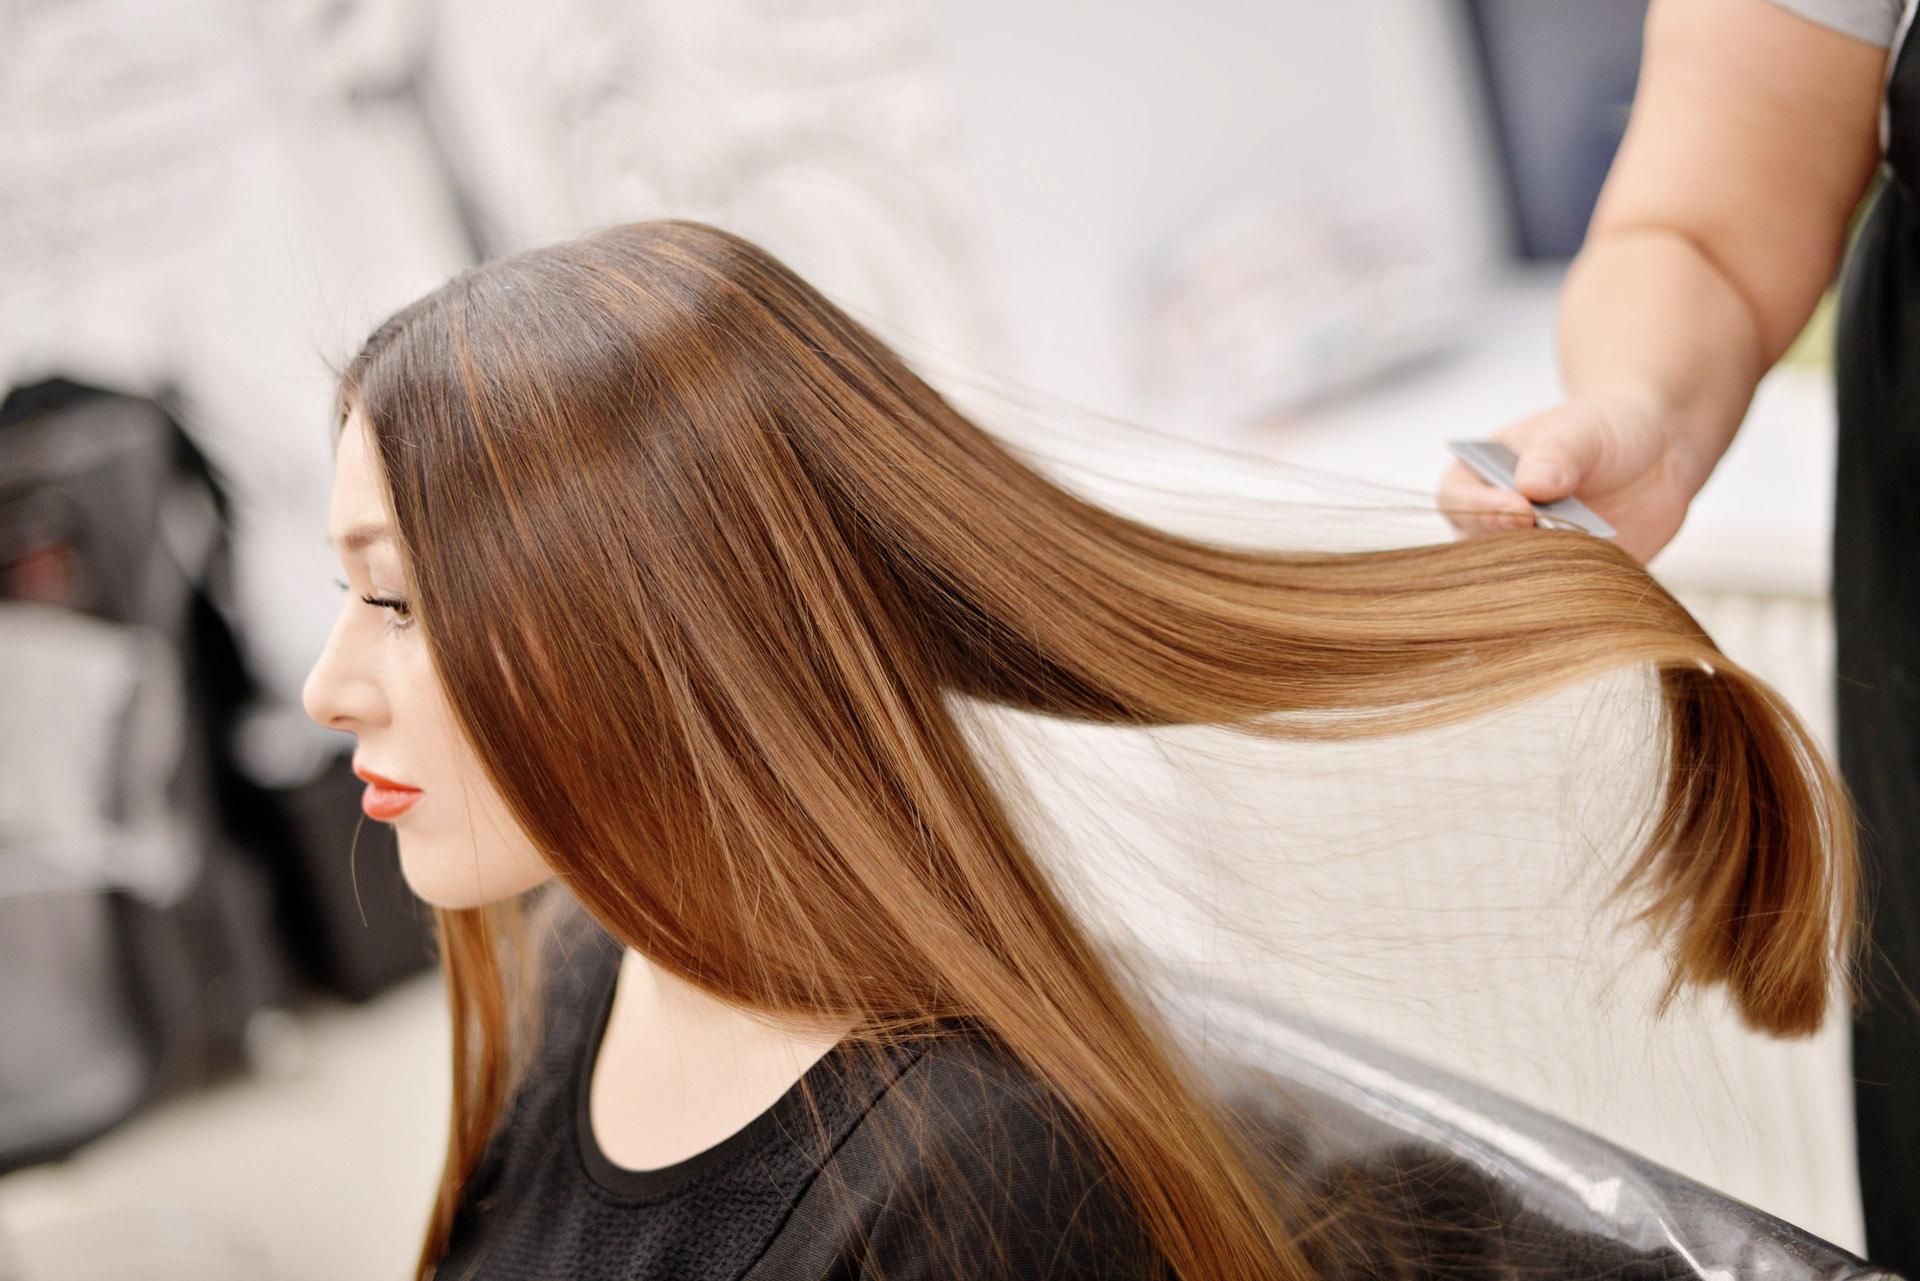 Применяем кефир и дрожжи для роста и густоты волос